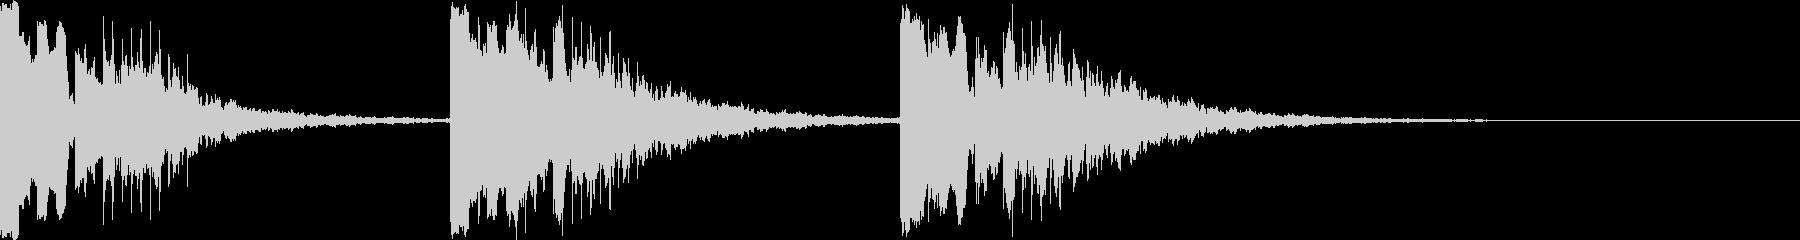 着信音、お知らせ、アラーム音の未再生の波形